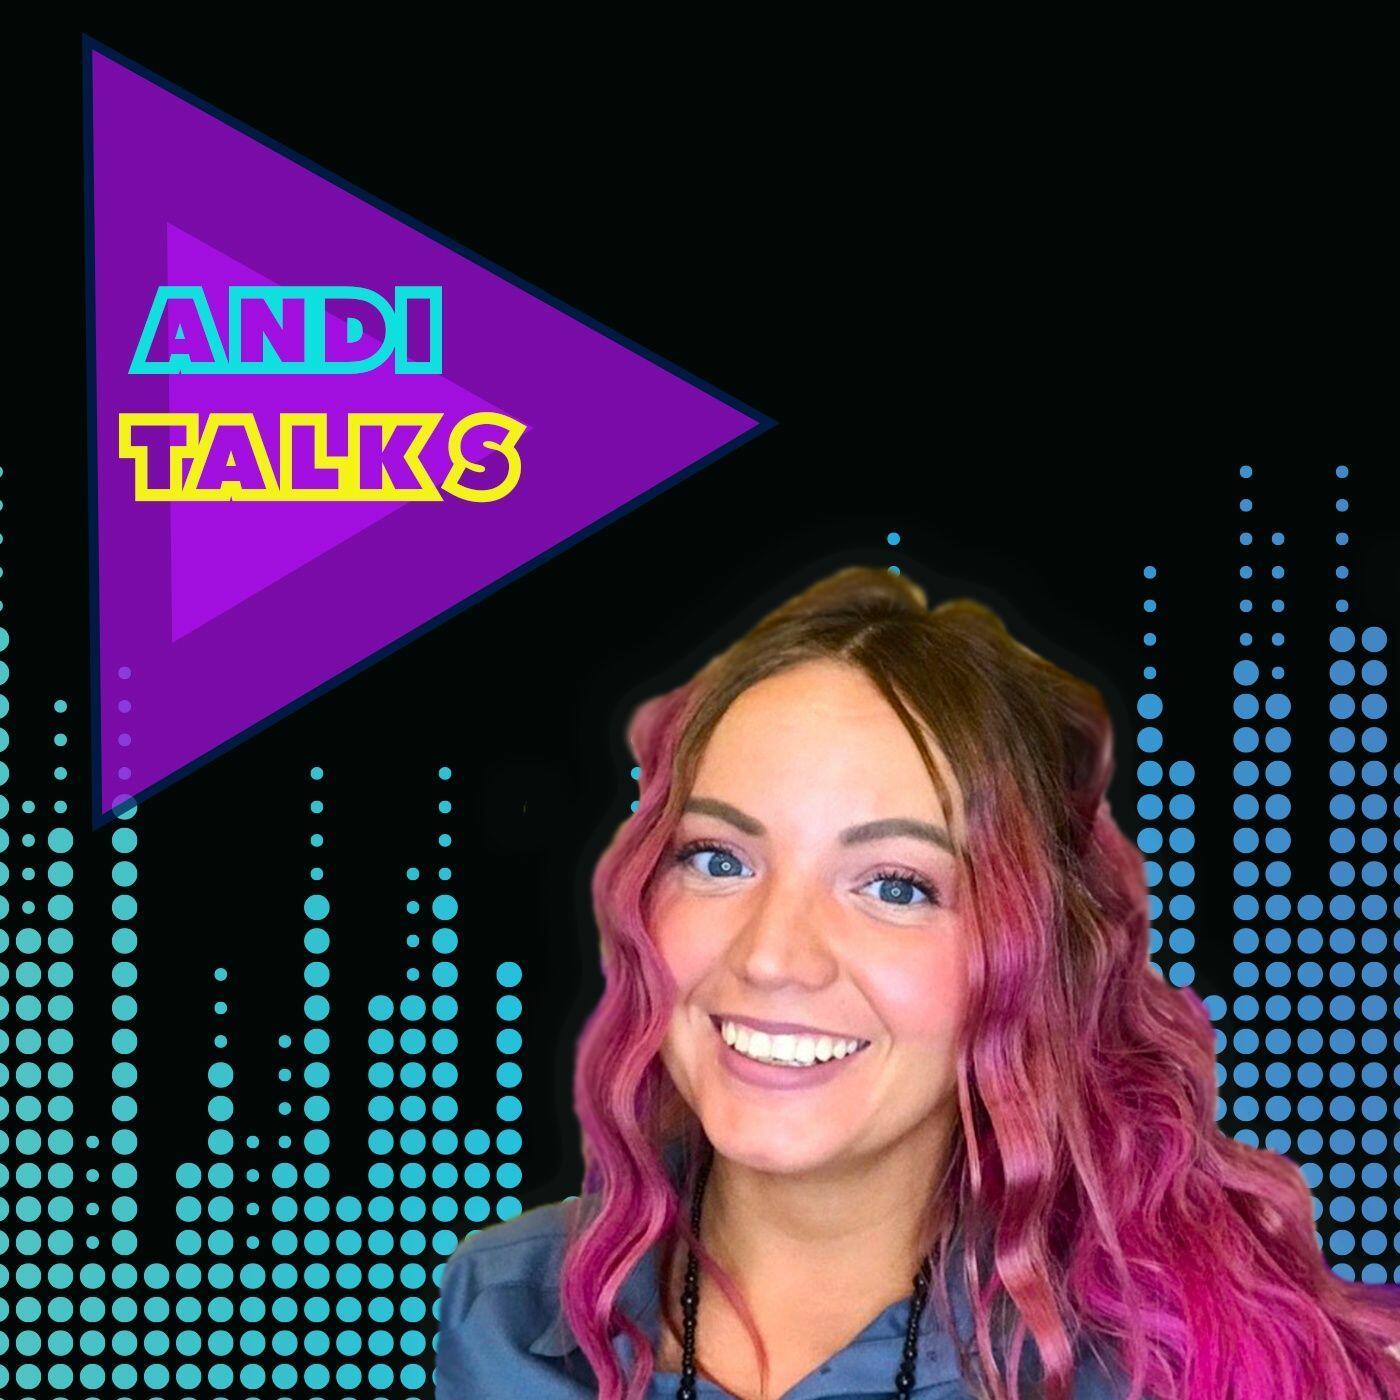 Andi Talks